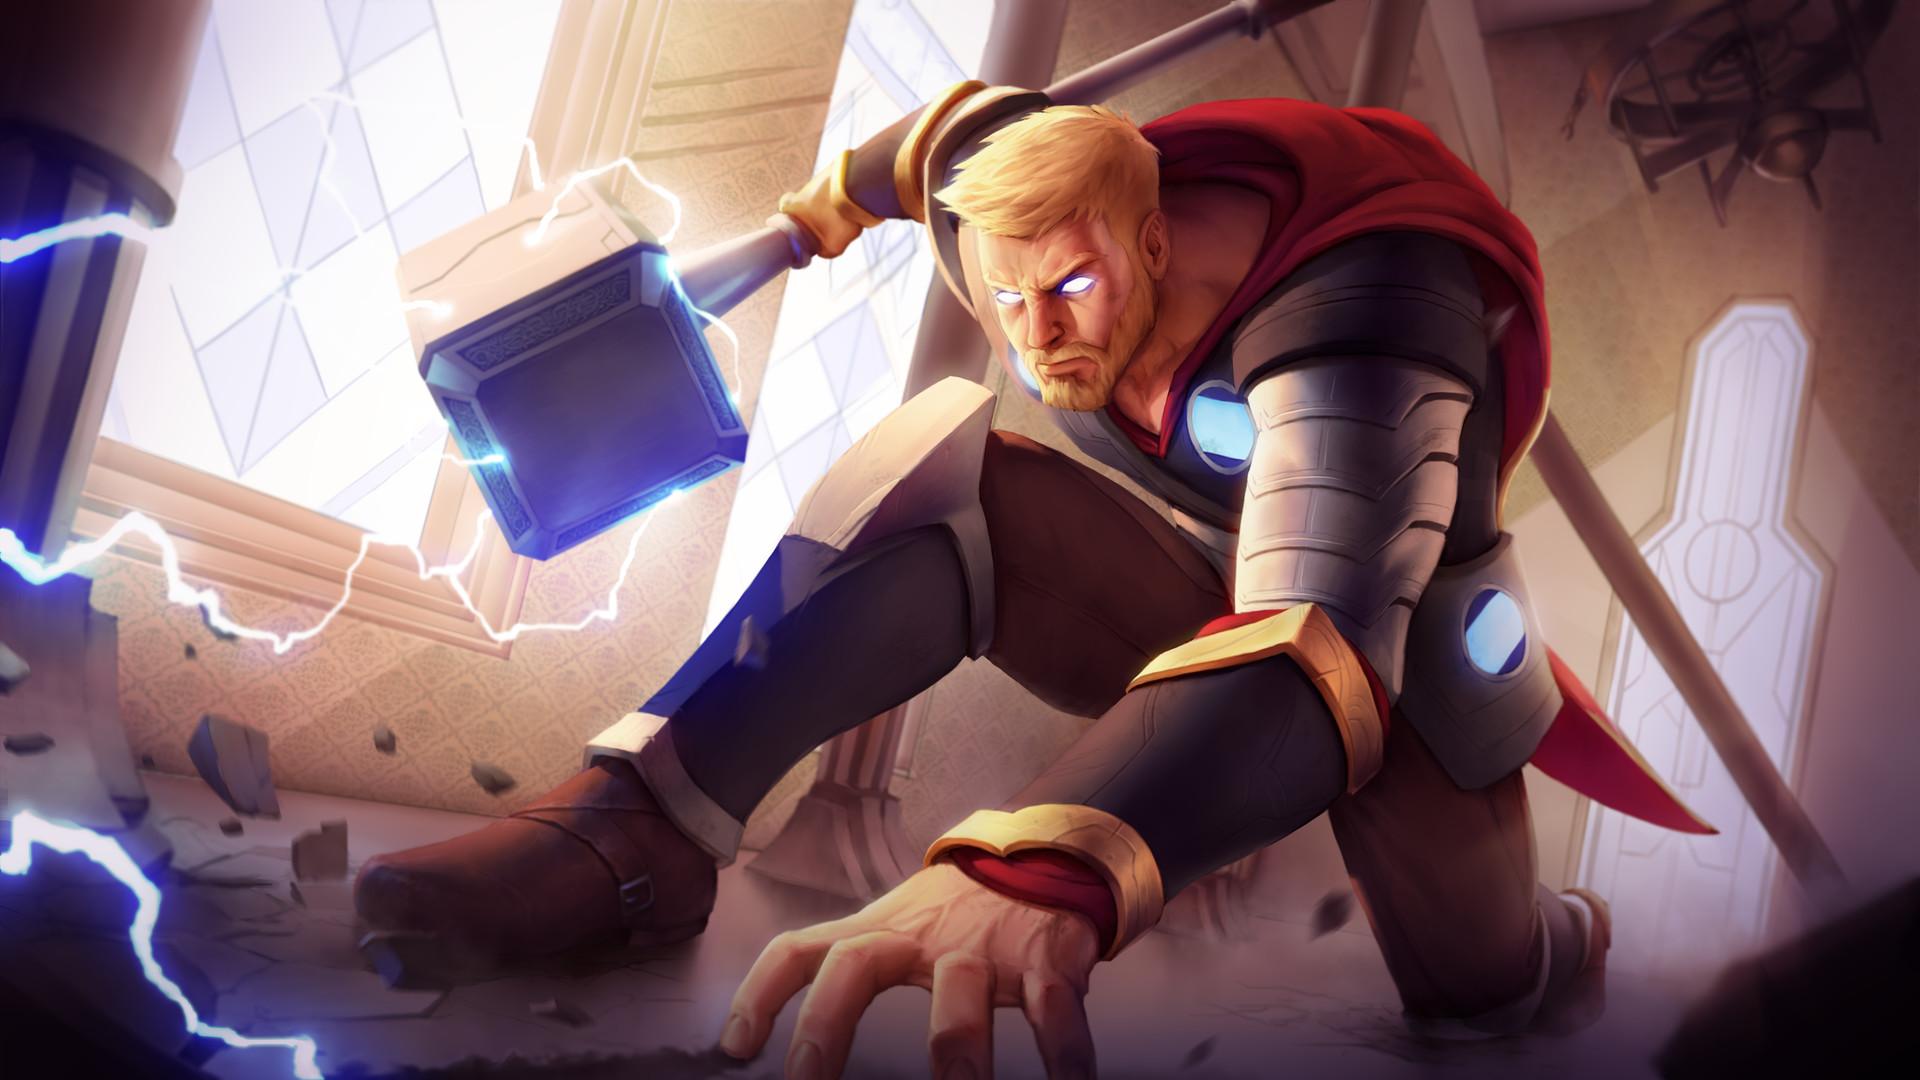 God Of Thunder Art